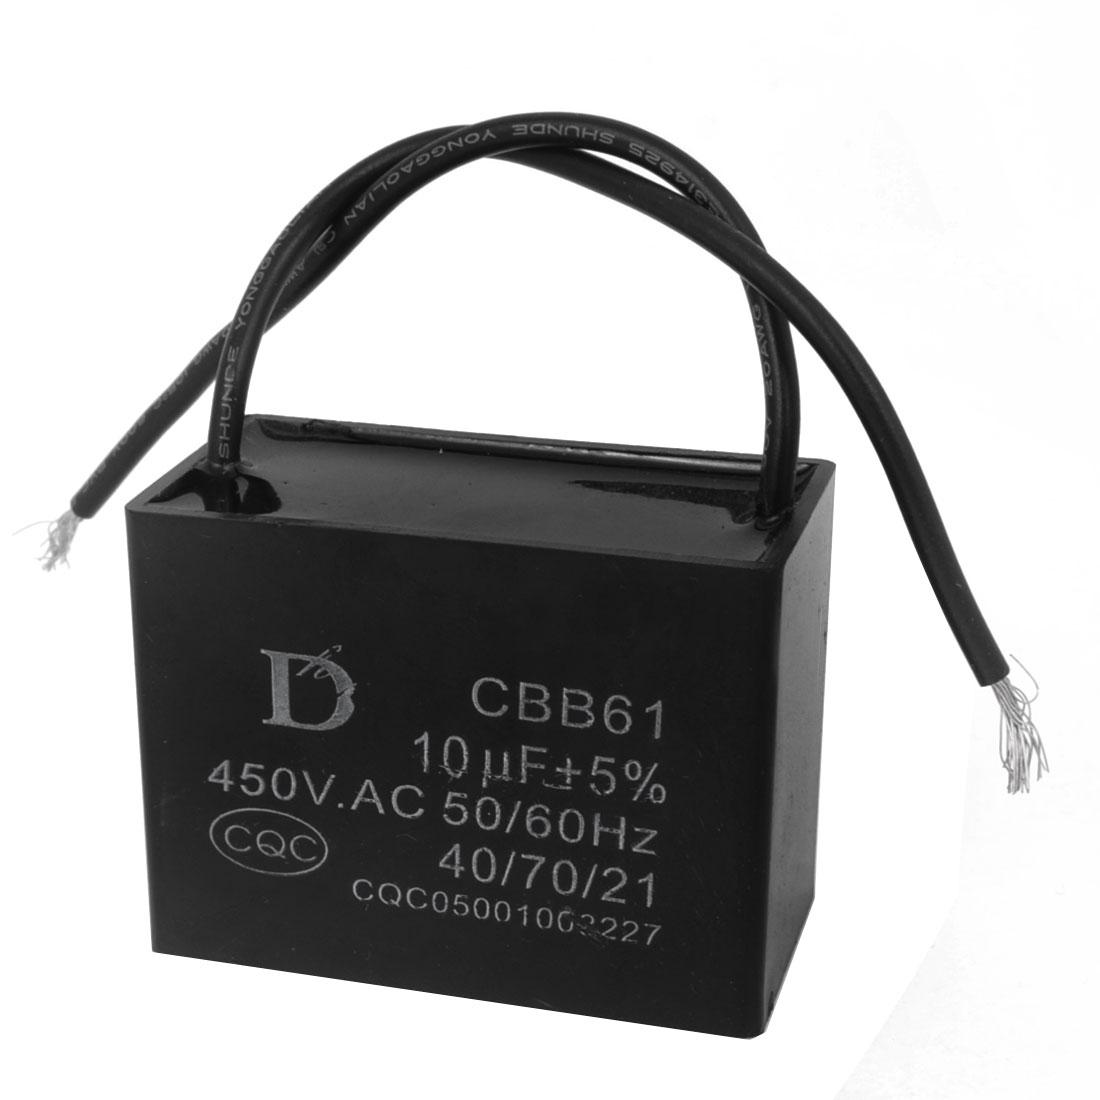 CBB61 10uF Polypropylene Film Motor Run Capacitor AC 450V